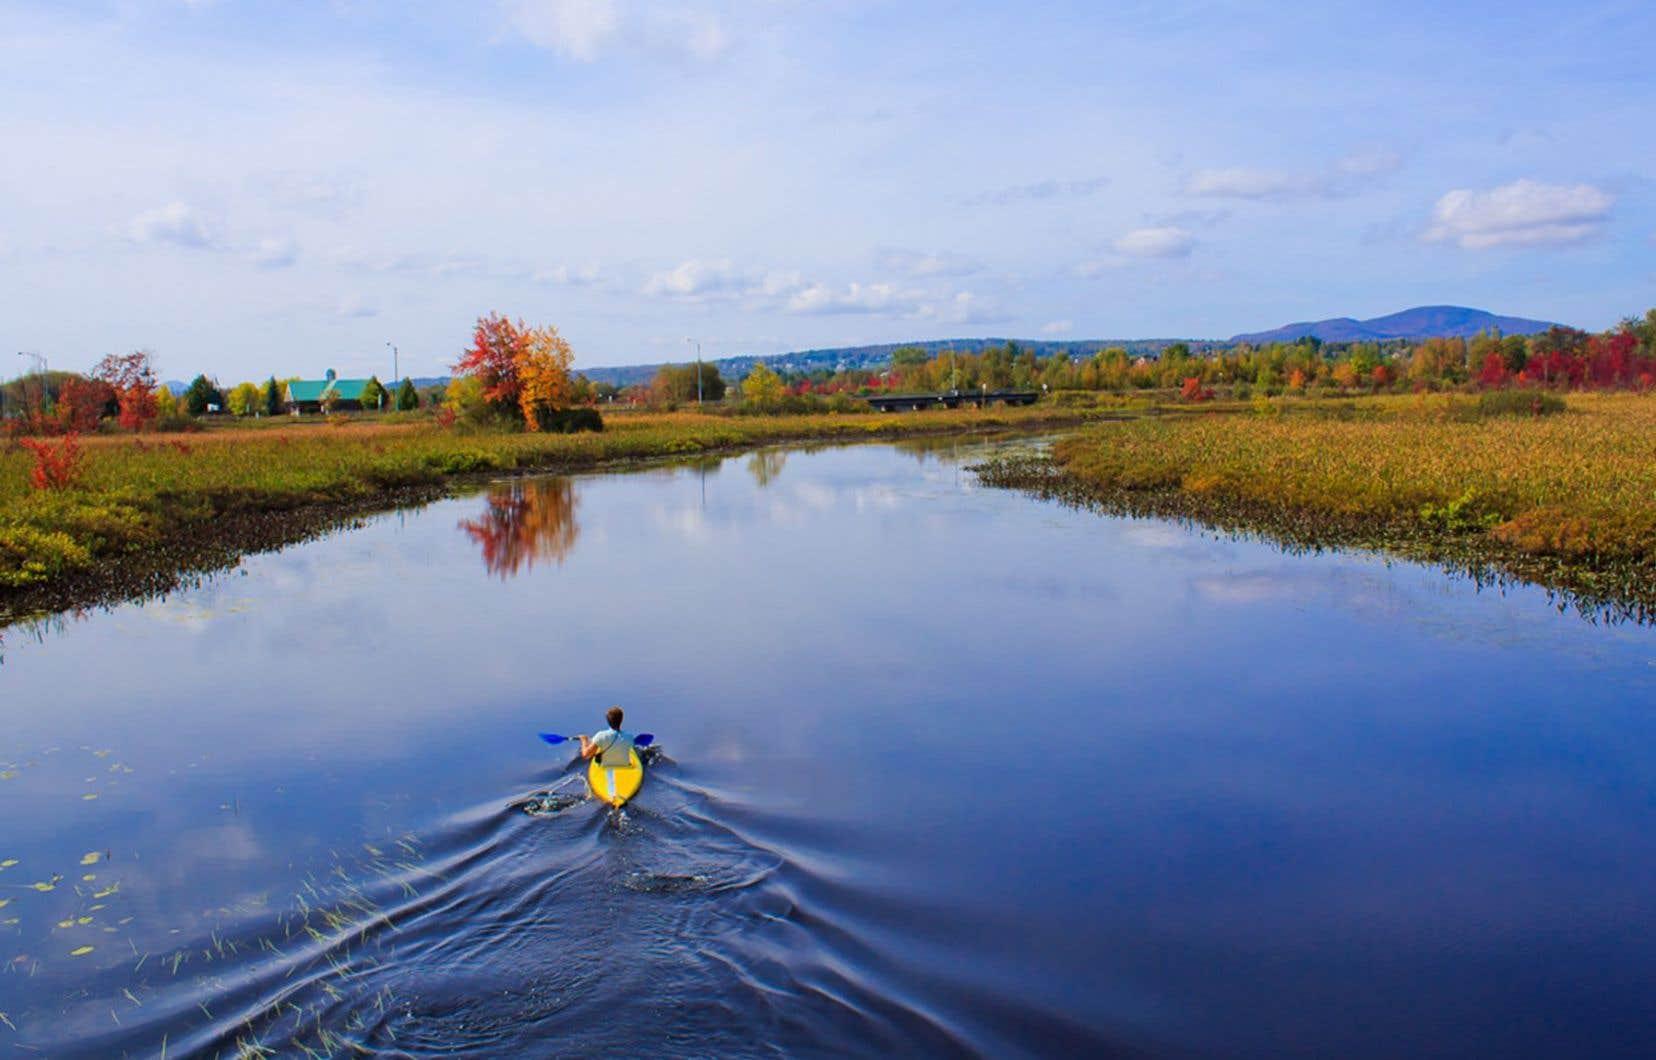 La MRC de Memphrémagog a cartographié ses zones inondables, qui comprennent notamment les territoires adjacents à la rivière aux Cerises.